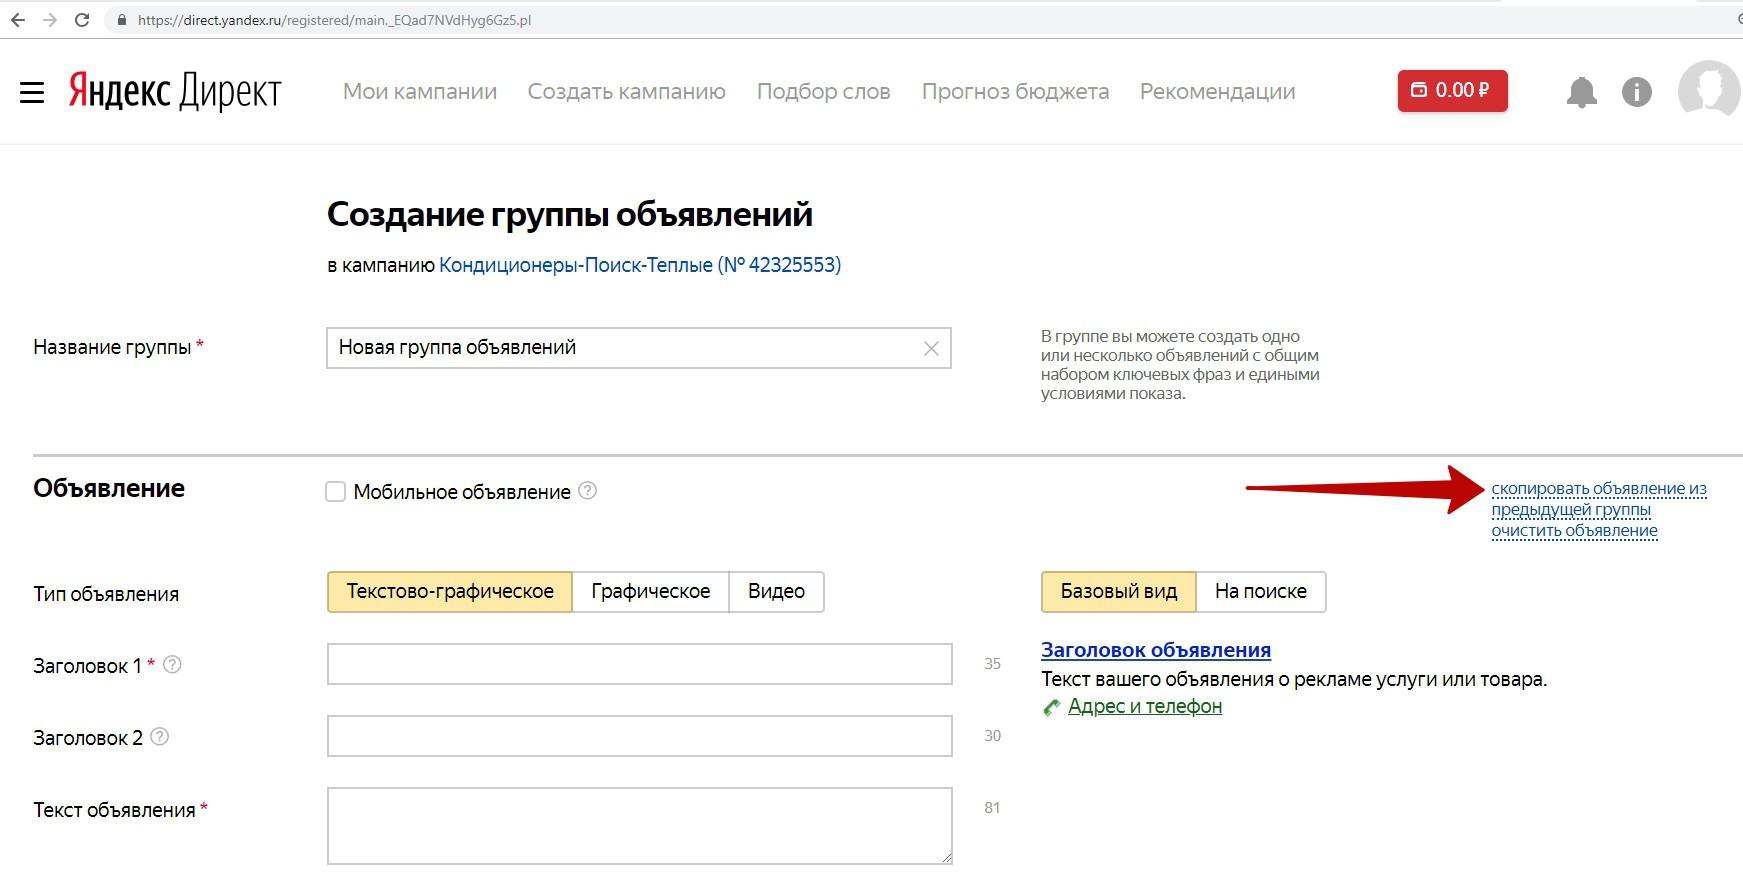 Реклама на поиске Яндекса – копирование объявления из предыдущей группы